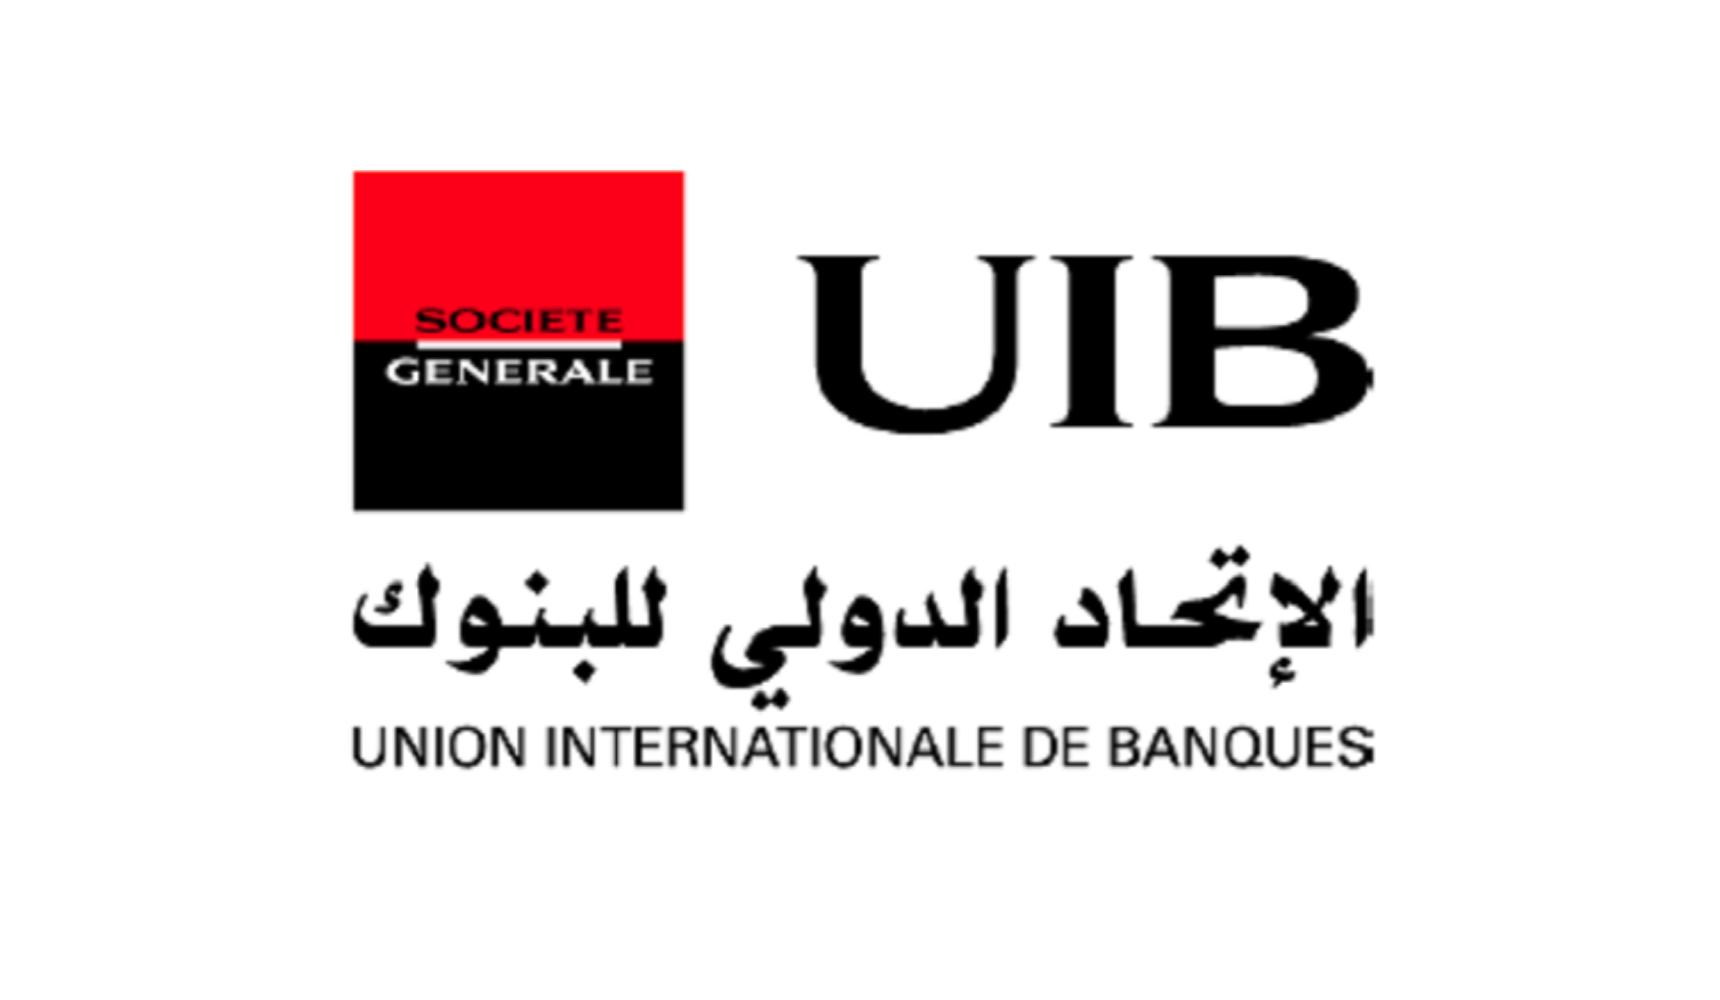 La Banque UIB recrute Chargé de Communication